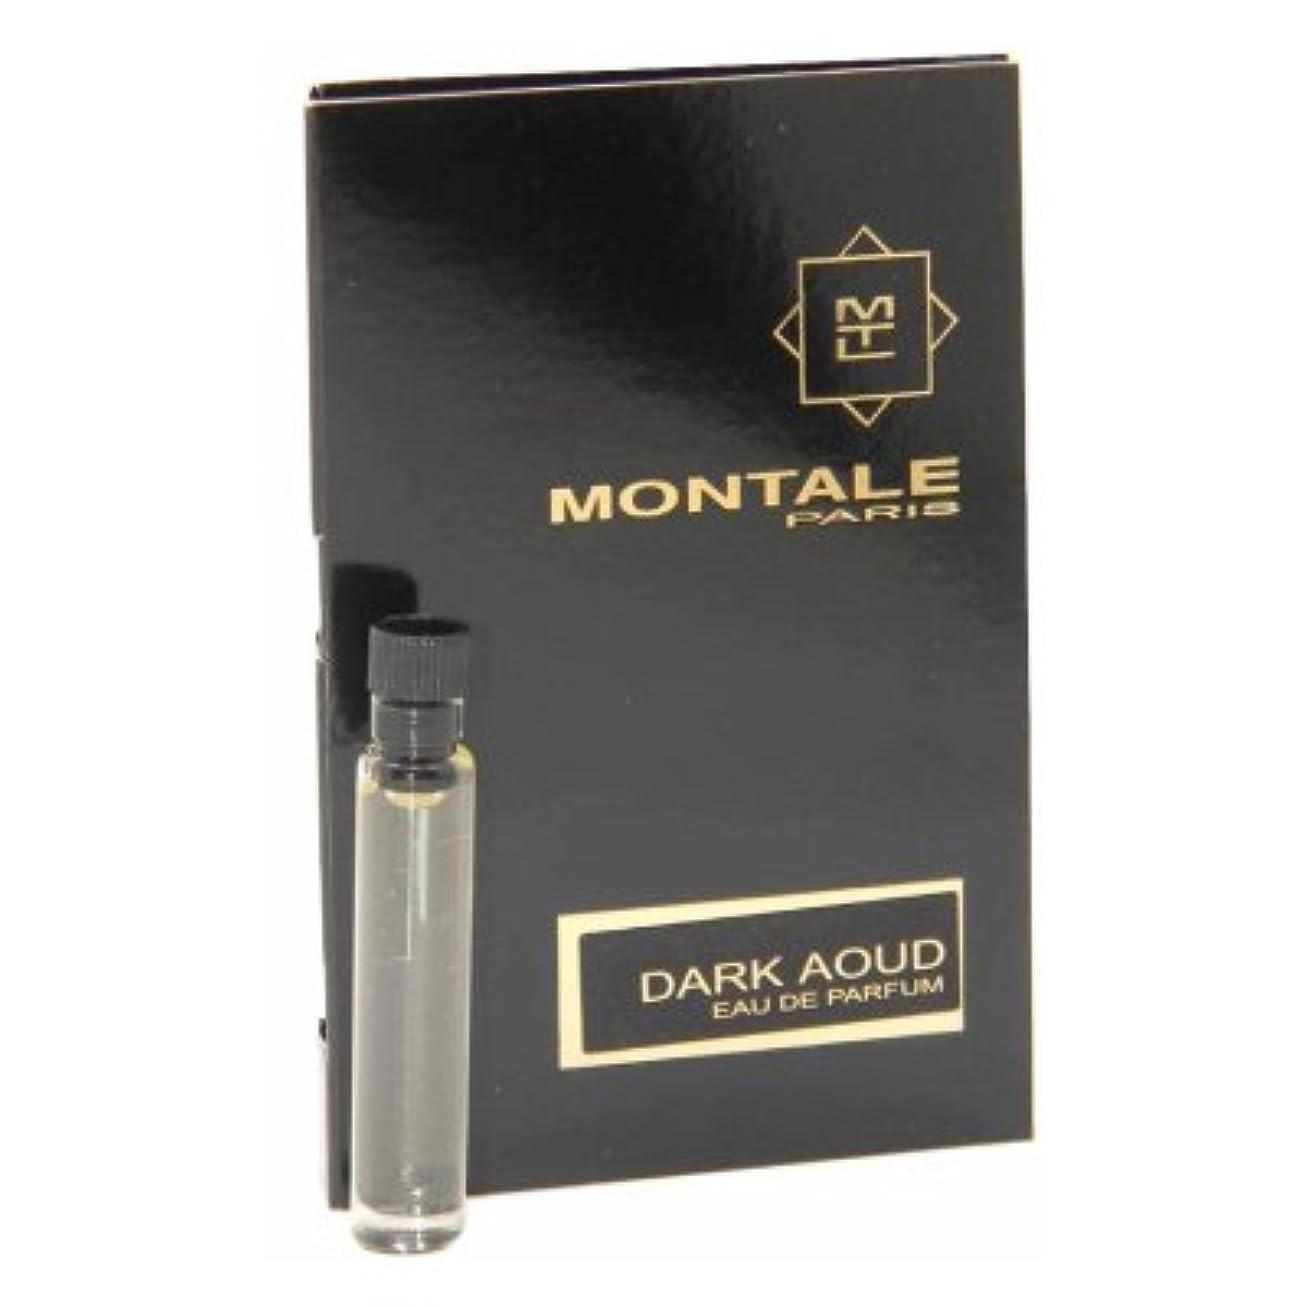 ライフル世界記録のギネスブック乱れMontale Dark Aoud EDP Vial Sample 2ml(モンタル ダーク ウード オードパルファン 2ml)[海外直送品] [並行輸入品]